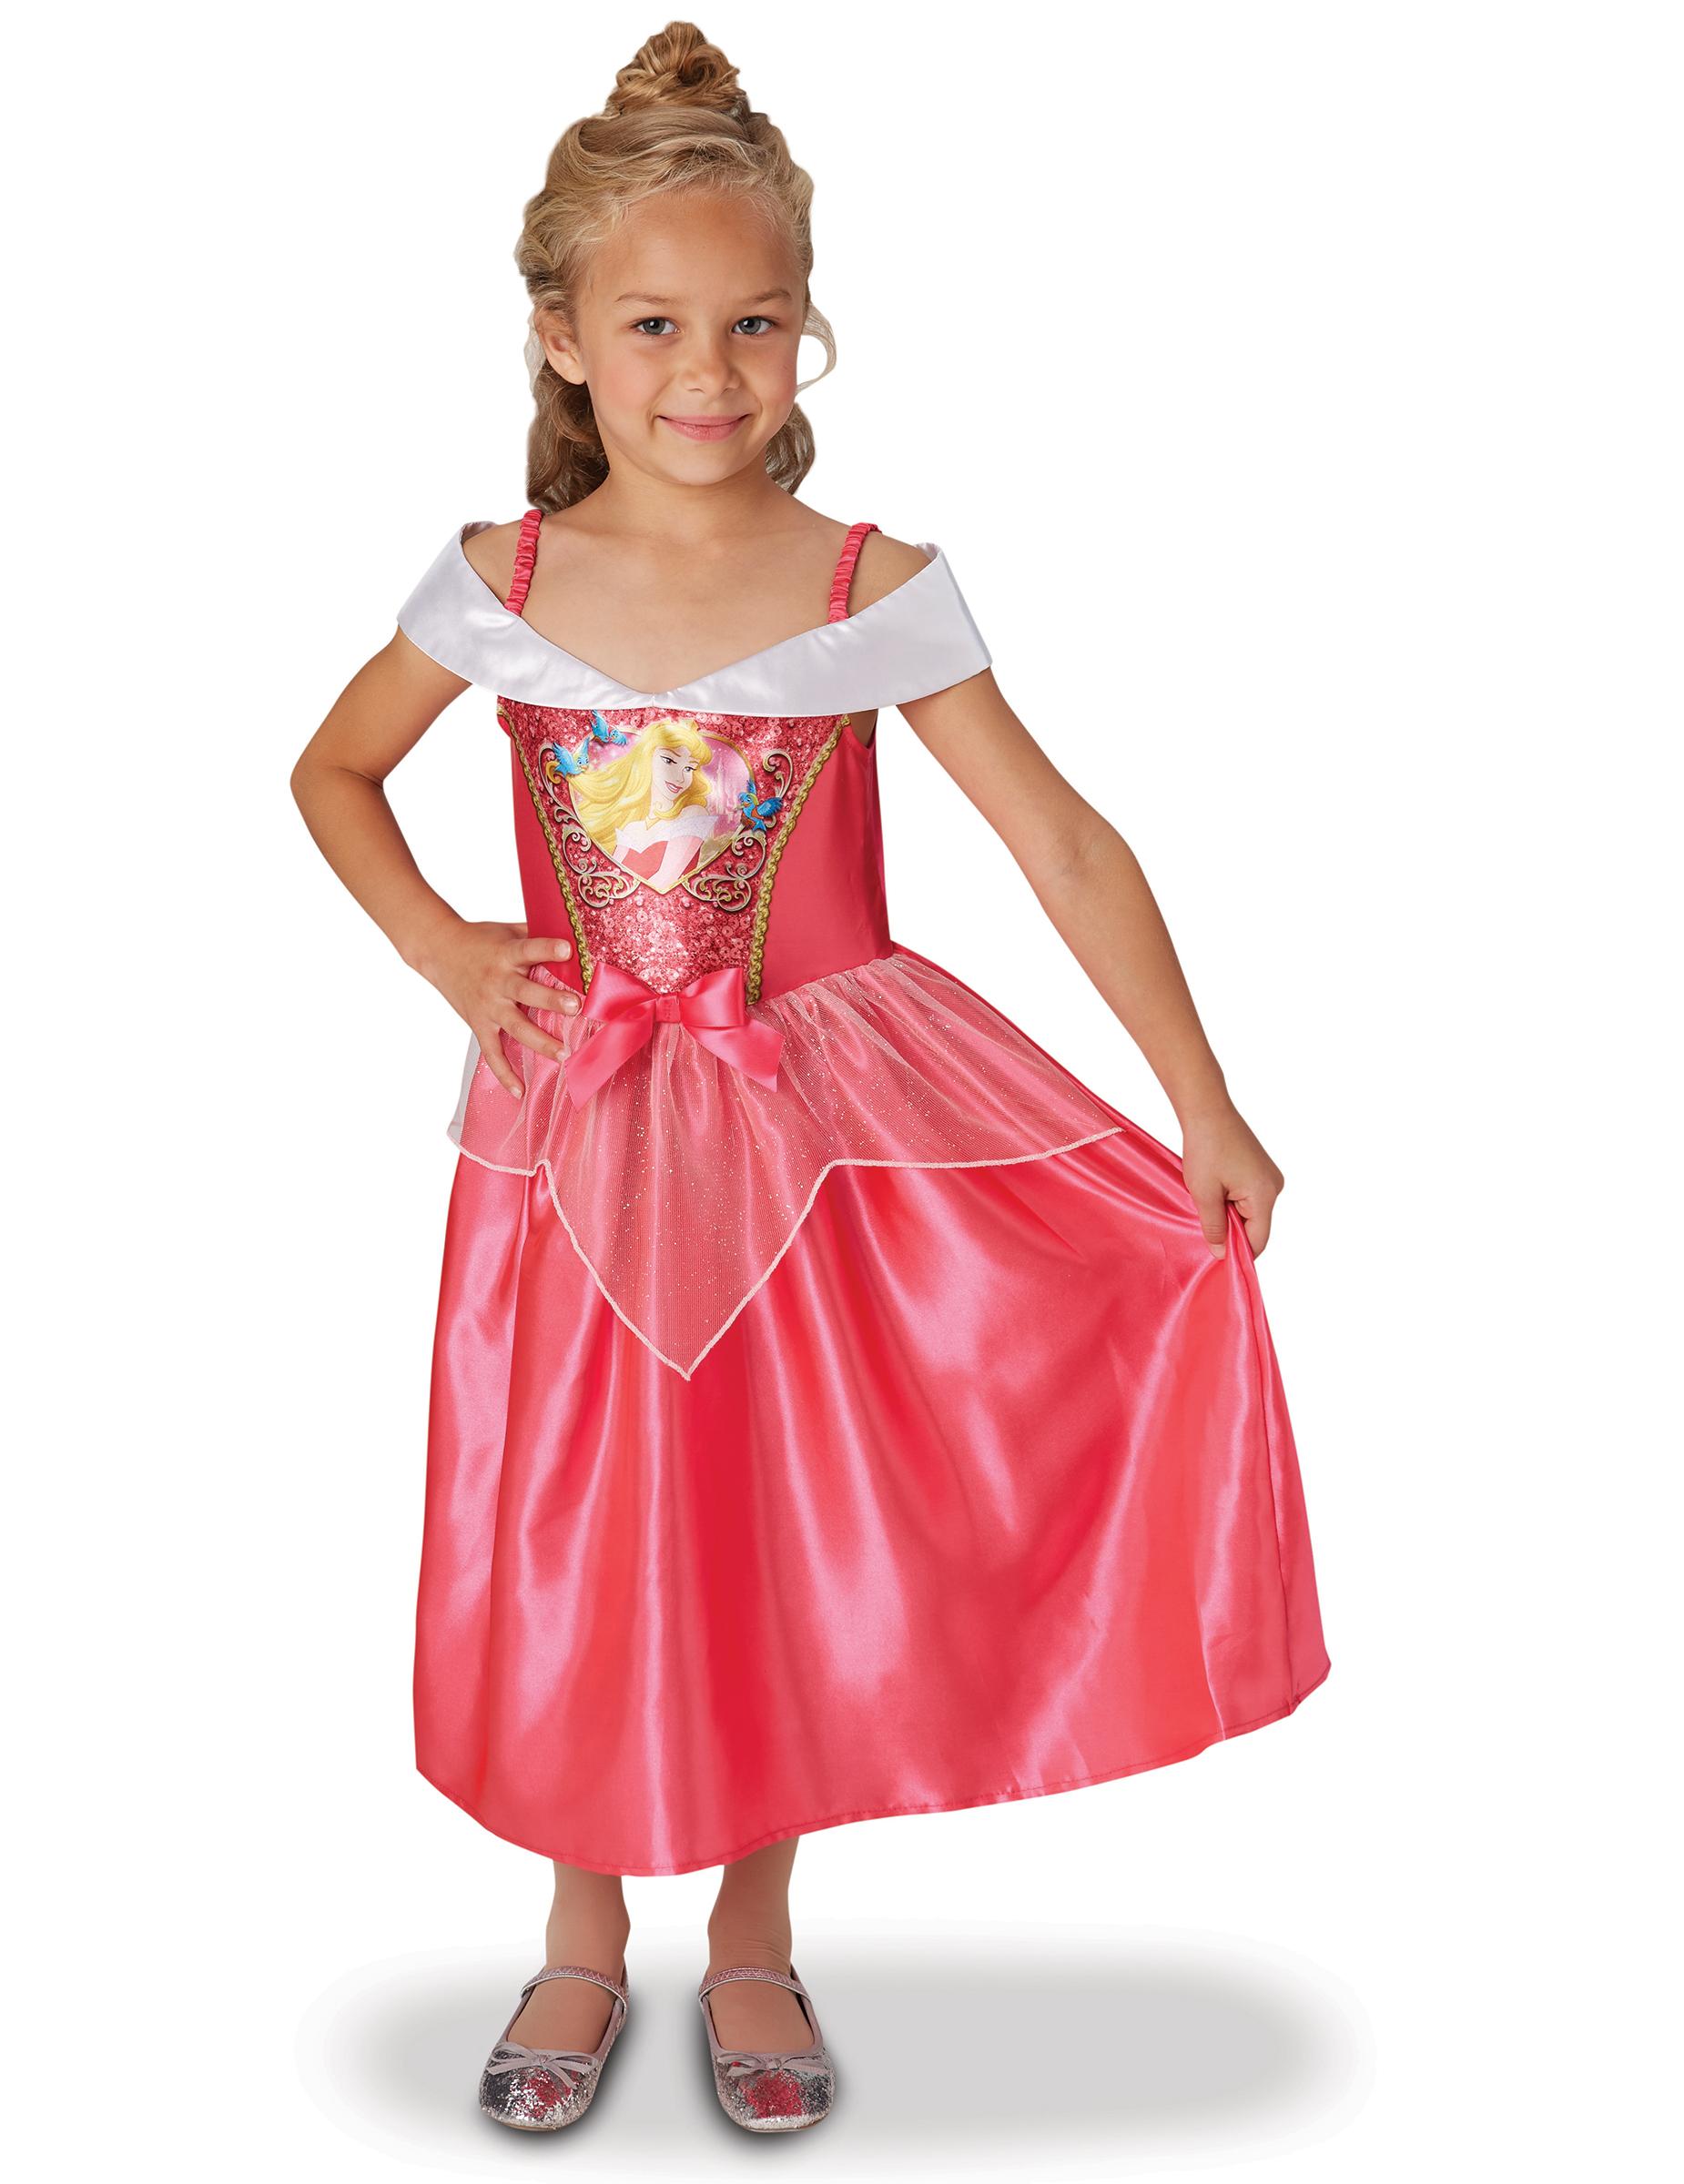 Törnrosa™ från Princesess Disney™ - Klassisk maskeraddräkt med paljetter 23a5f8cc4d8d4